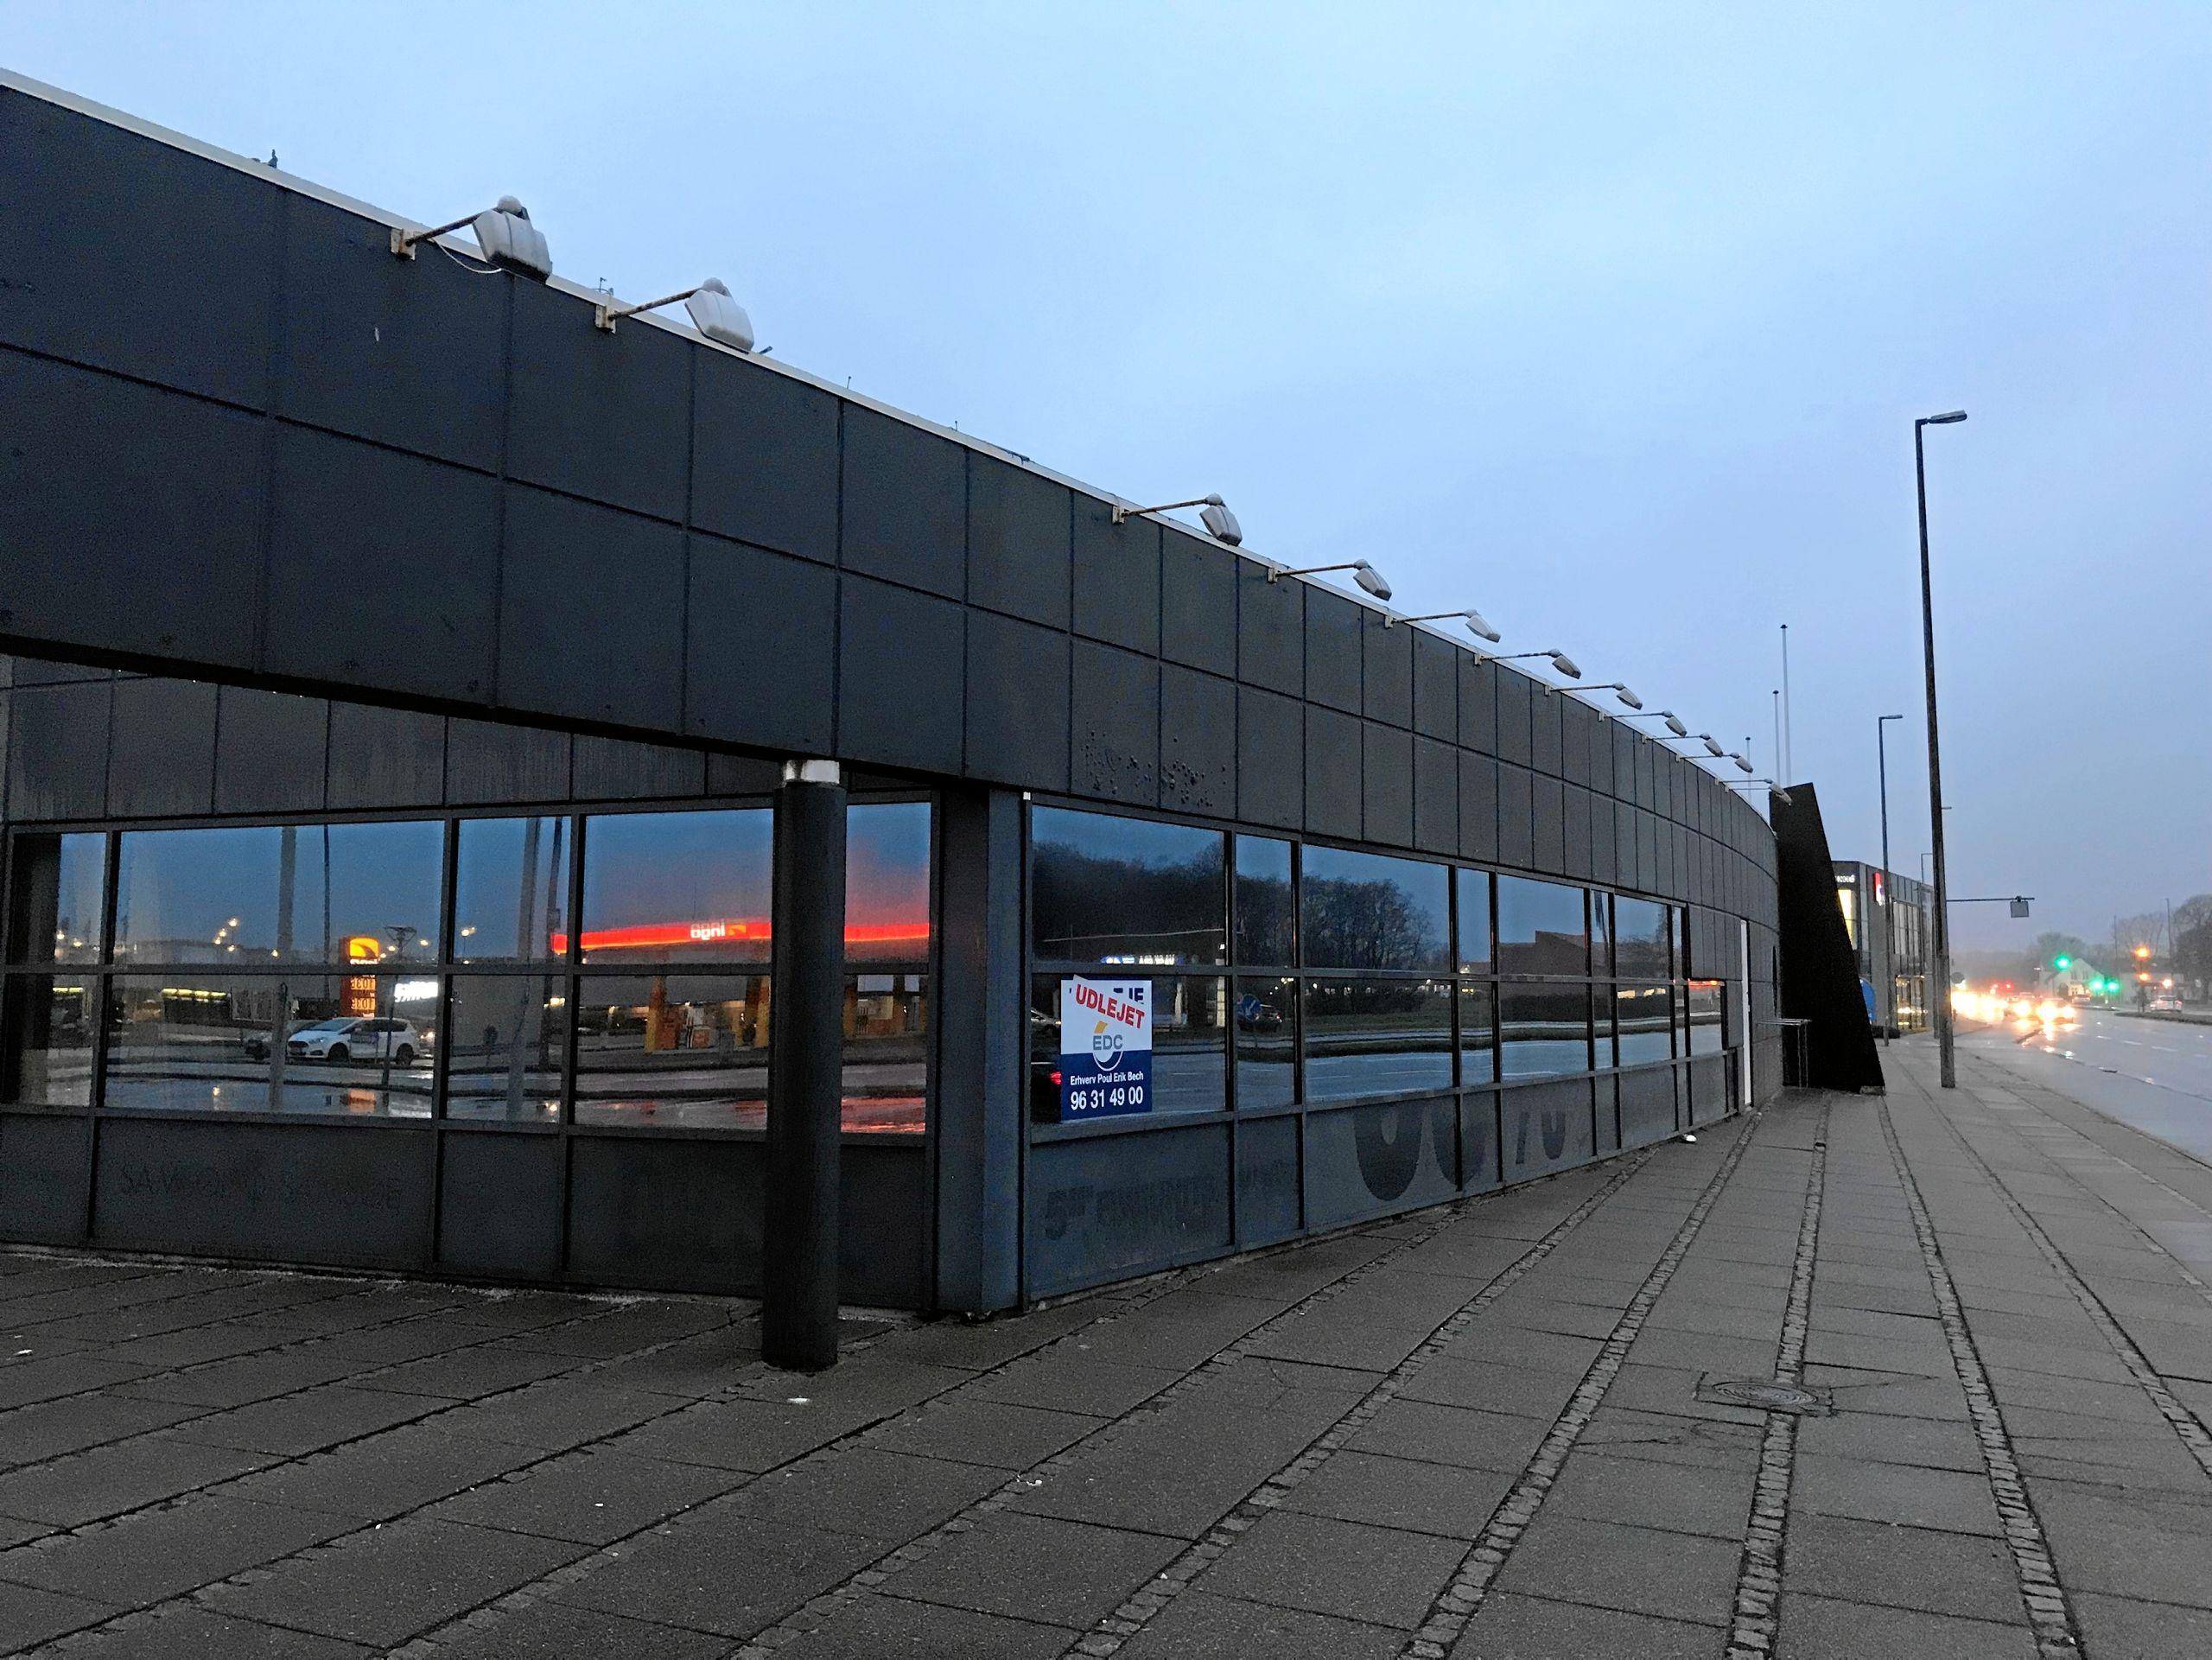 Den ny Netto-butik bliver på 1100 kvadratmeter og får et sted mellem 25 og 35 ansatte. Butikken får ikke døgnåbent. Foto: Torben O. Andersen